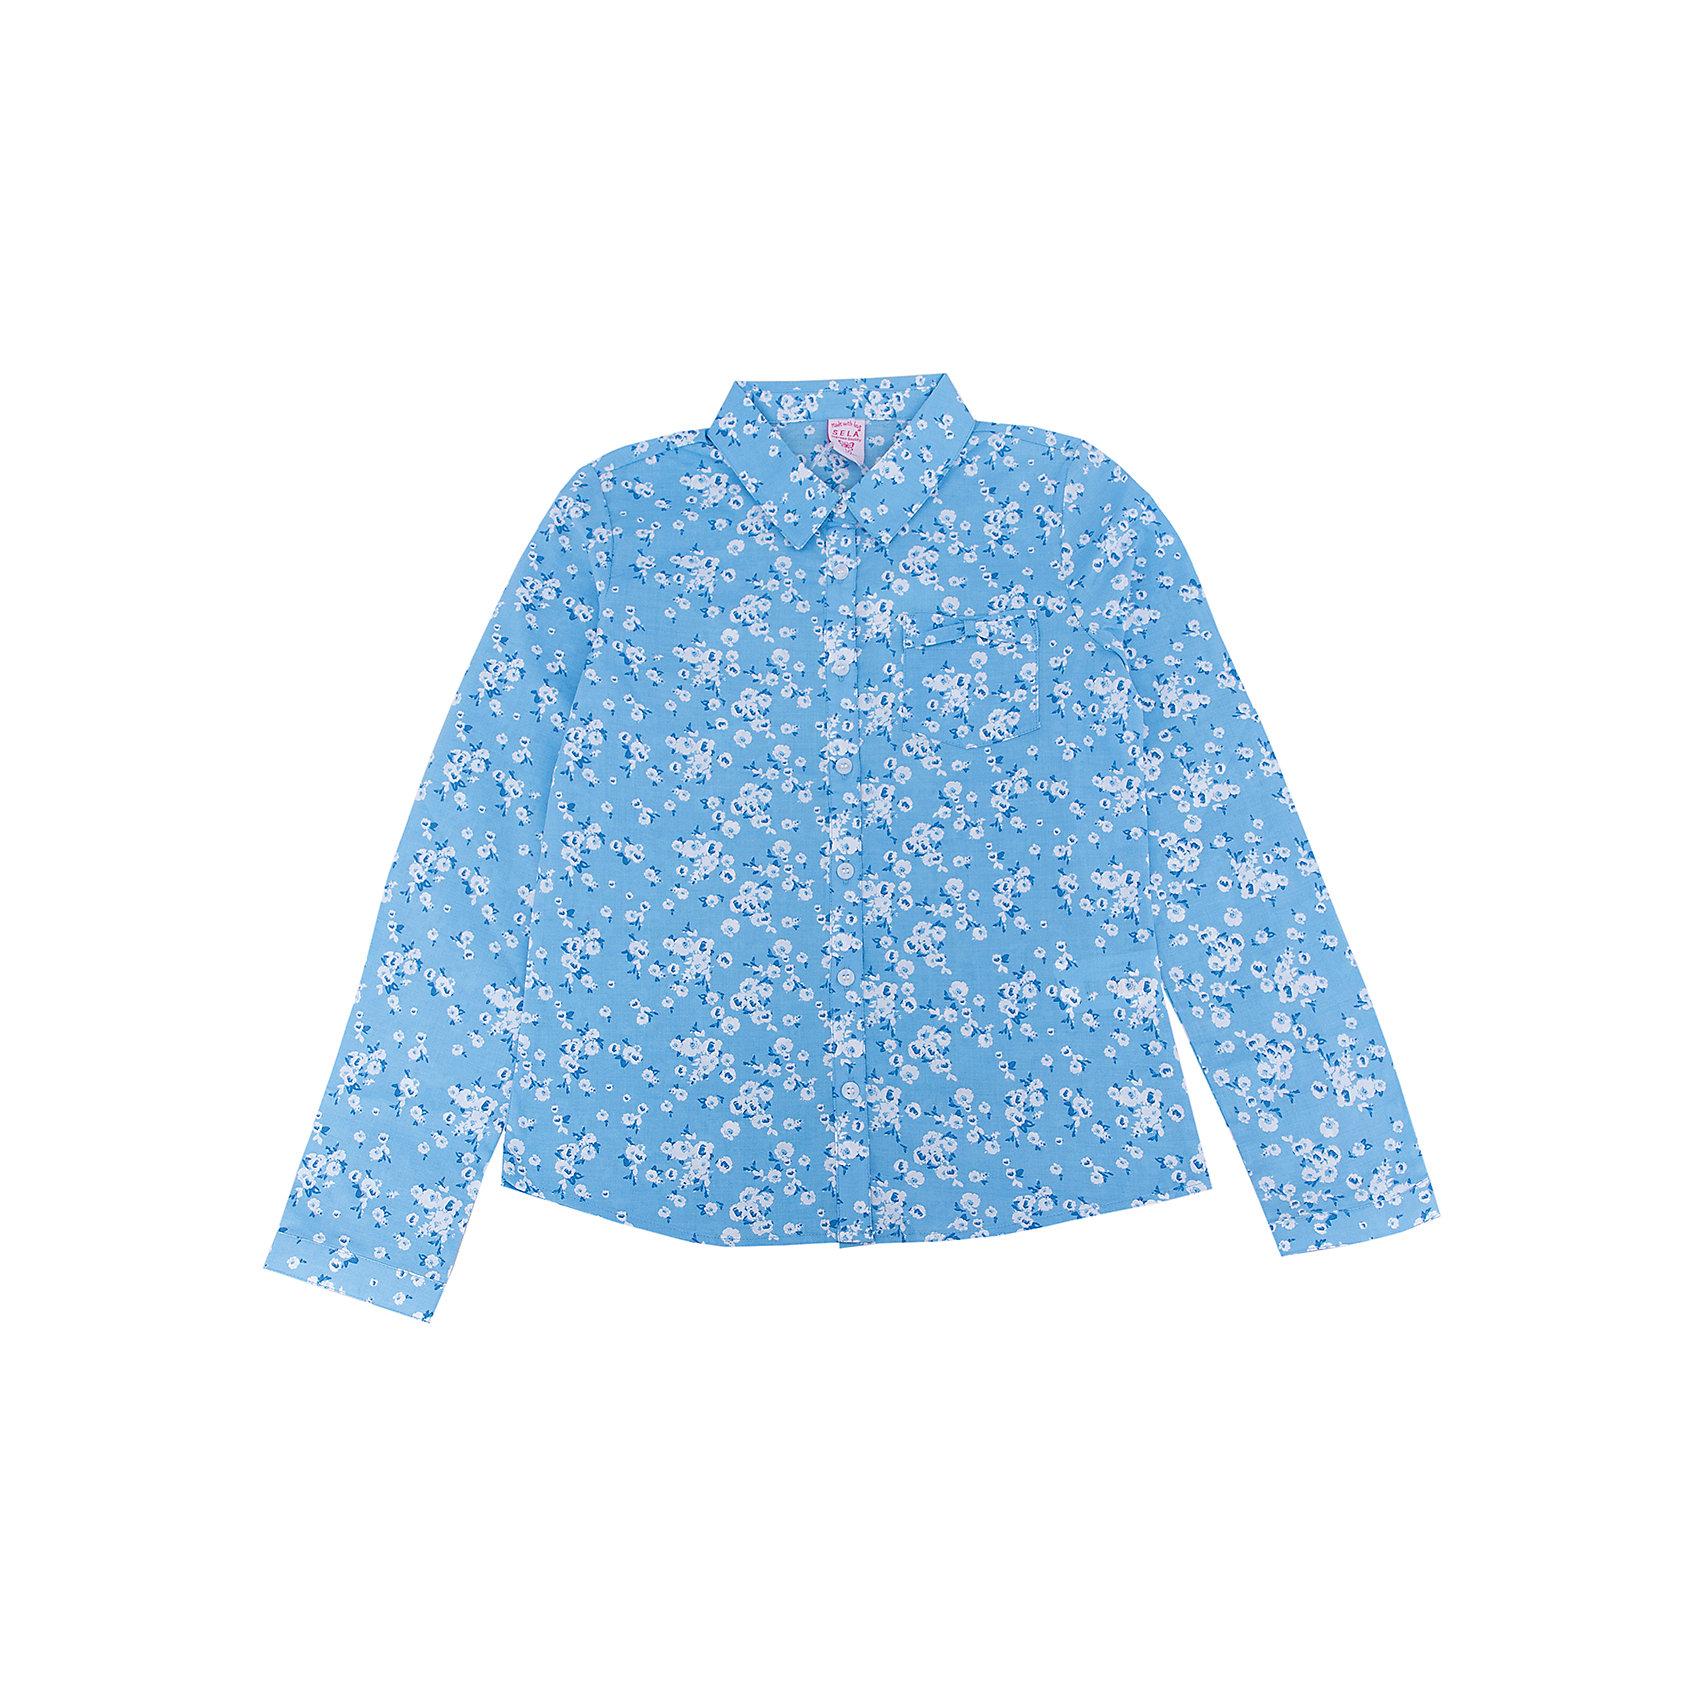 Блуза для девочки SELAБлузки и рубашки<br>Характеристики:<br><br>• Вид детской и подростковой одежды: блузка<br>• Предназначение: повседневная (для школы), праздничная<br>• Сезон: весна-лето<br>• Стиль: романтичный<br>• Тематика рисунка: цветочный<br>• Цвет: голубой принт<br>• Материал: хлопок, 100%<br>• Силуэт: полуприталенный<br>• Длина рукава: длинный с манжетом<br>• Воротник: отложной<br>• Застежка: пуговицы на передней планке<br>• Особенности ухода: допускается деликатная стирка без использования красящих и отбеливающих средств, глажение на щадящем режиме<br><br>Блуза для девочки SELA из коллекции детской и подростковой одежды от знаменитого торгового бренда, который производит удобную, комфортную и стильную одежду, предназначенную как для будней, так и для праздников. Блузка для девочки SELA выполнена из 100% хлопка, который обладает хорошими гигиеническими и гигроскопичными свойствами, при частых стирках не изменяет цвет, оличается повышенной износоустойчивостью . Изделие выполнено в классическом стиле: полуприталенный силуэт, длинный рукав с манжетами и отложной воротничок. Небесно-голубой цвет и мелкий цветочный принт придают изделию романтическую нотку. Блузка для девочки SELA может быть в качестве базовой вещи в гардеробе девочки, прекрасно будет сочетаться с однотонным строгим пиджаком.<br><br>Блузу для девочки SELA можно купить в нашем интернет-магазине.<br>Состав:<br>100% хлопок<br><br>Ширина мм: 186<br>Глубина мм: 87<br>Высота мм: 198<br>Вес г: 197<br>Цвет: голубой<br>Возраст от месяцев: 96<br>Возраст до месяцев: 108<br>Пол: Женский<br>Возраст: Детский<br>Размер: 134,140,146,152,116,122,128<br>SKU: 5305007